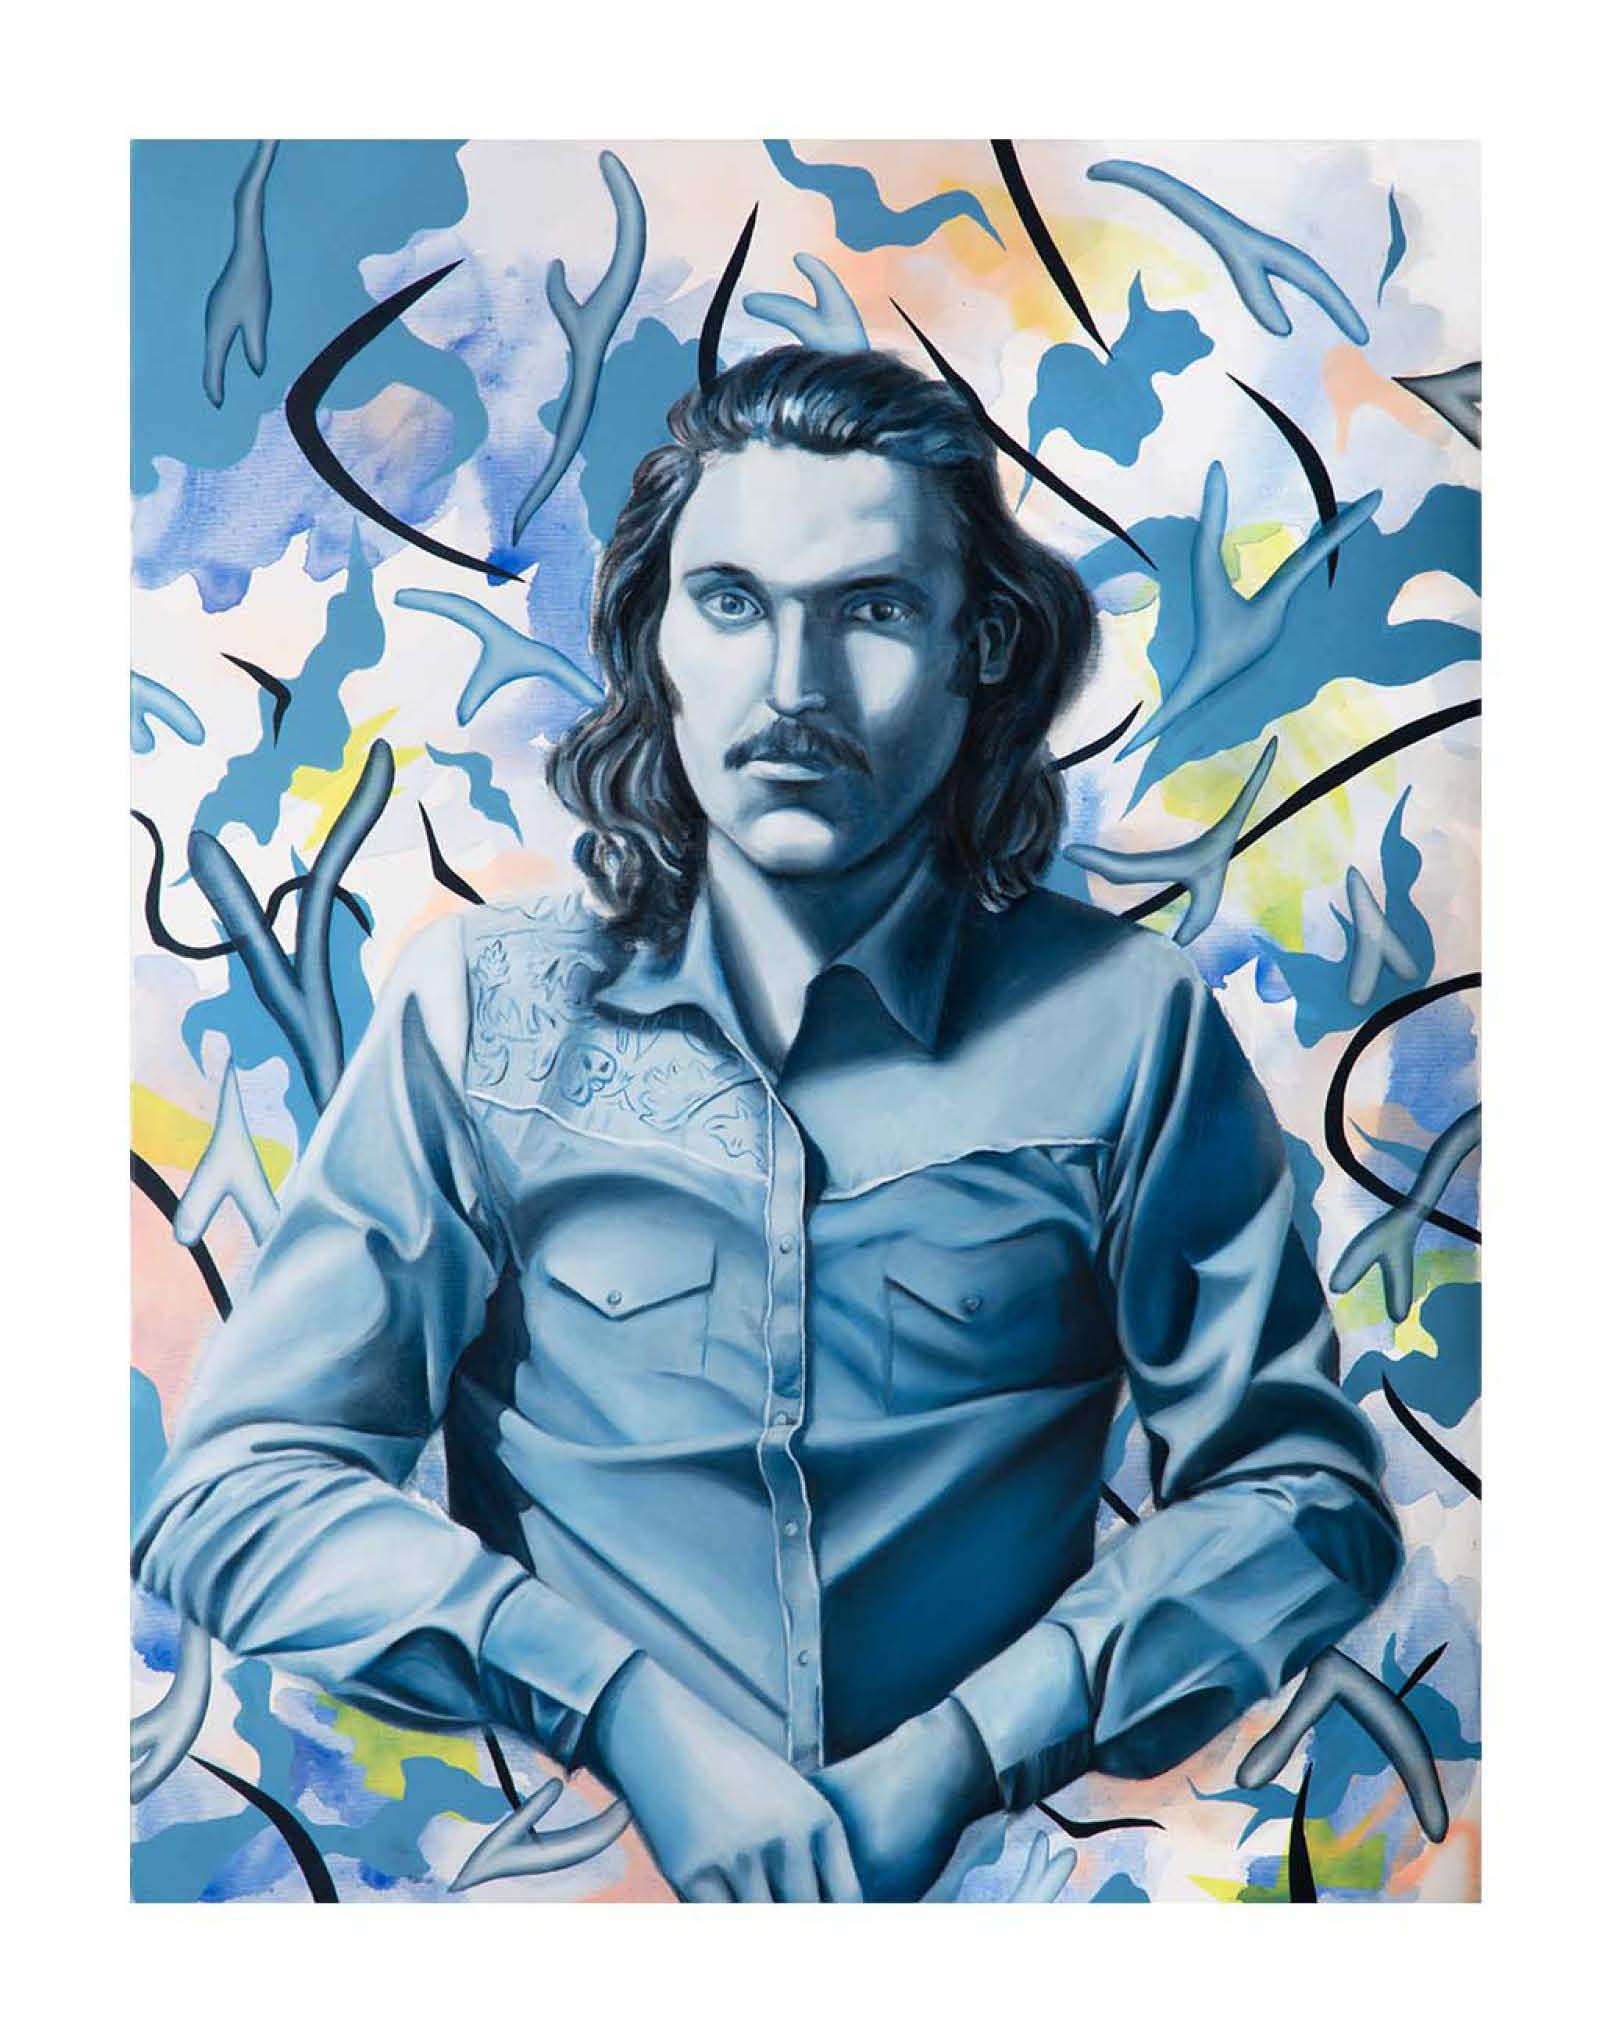 Charlie (peinture en cours) - Huile et acrylique sur toile - 95 x 72 cm - 2019